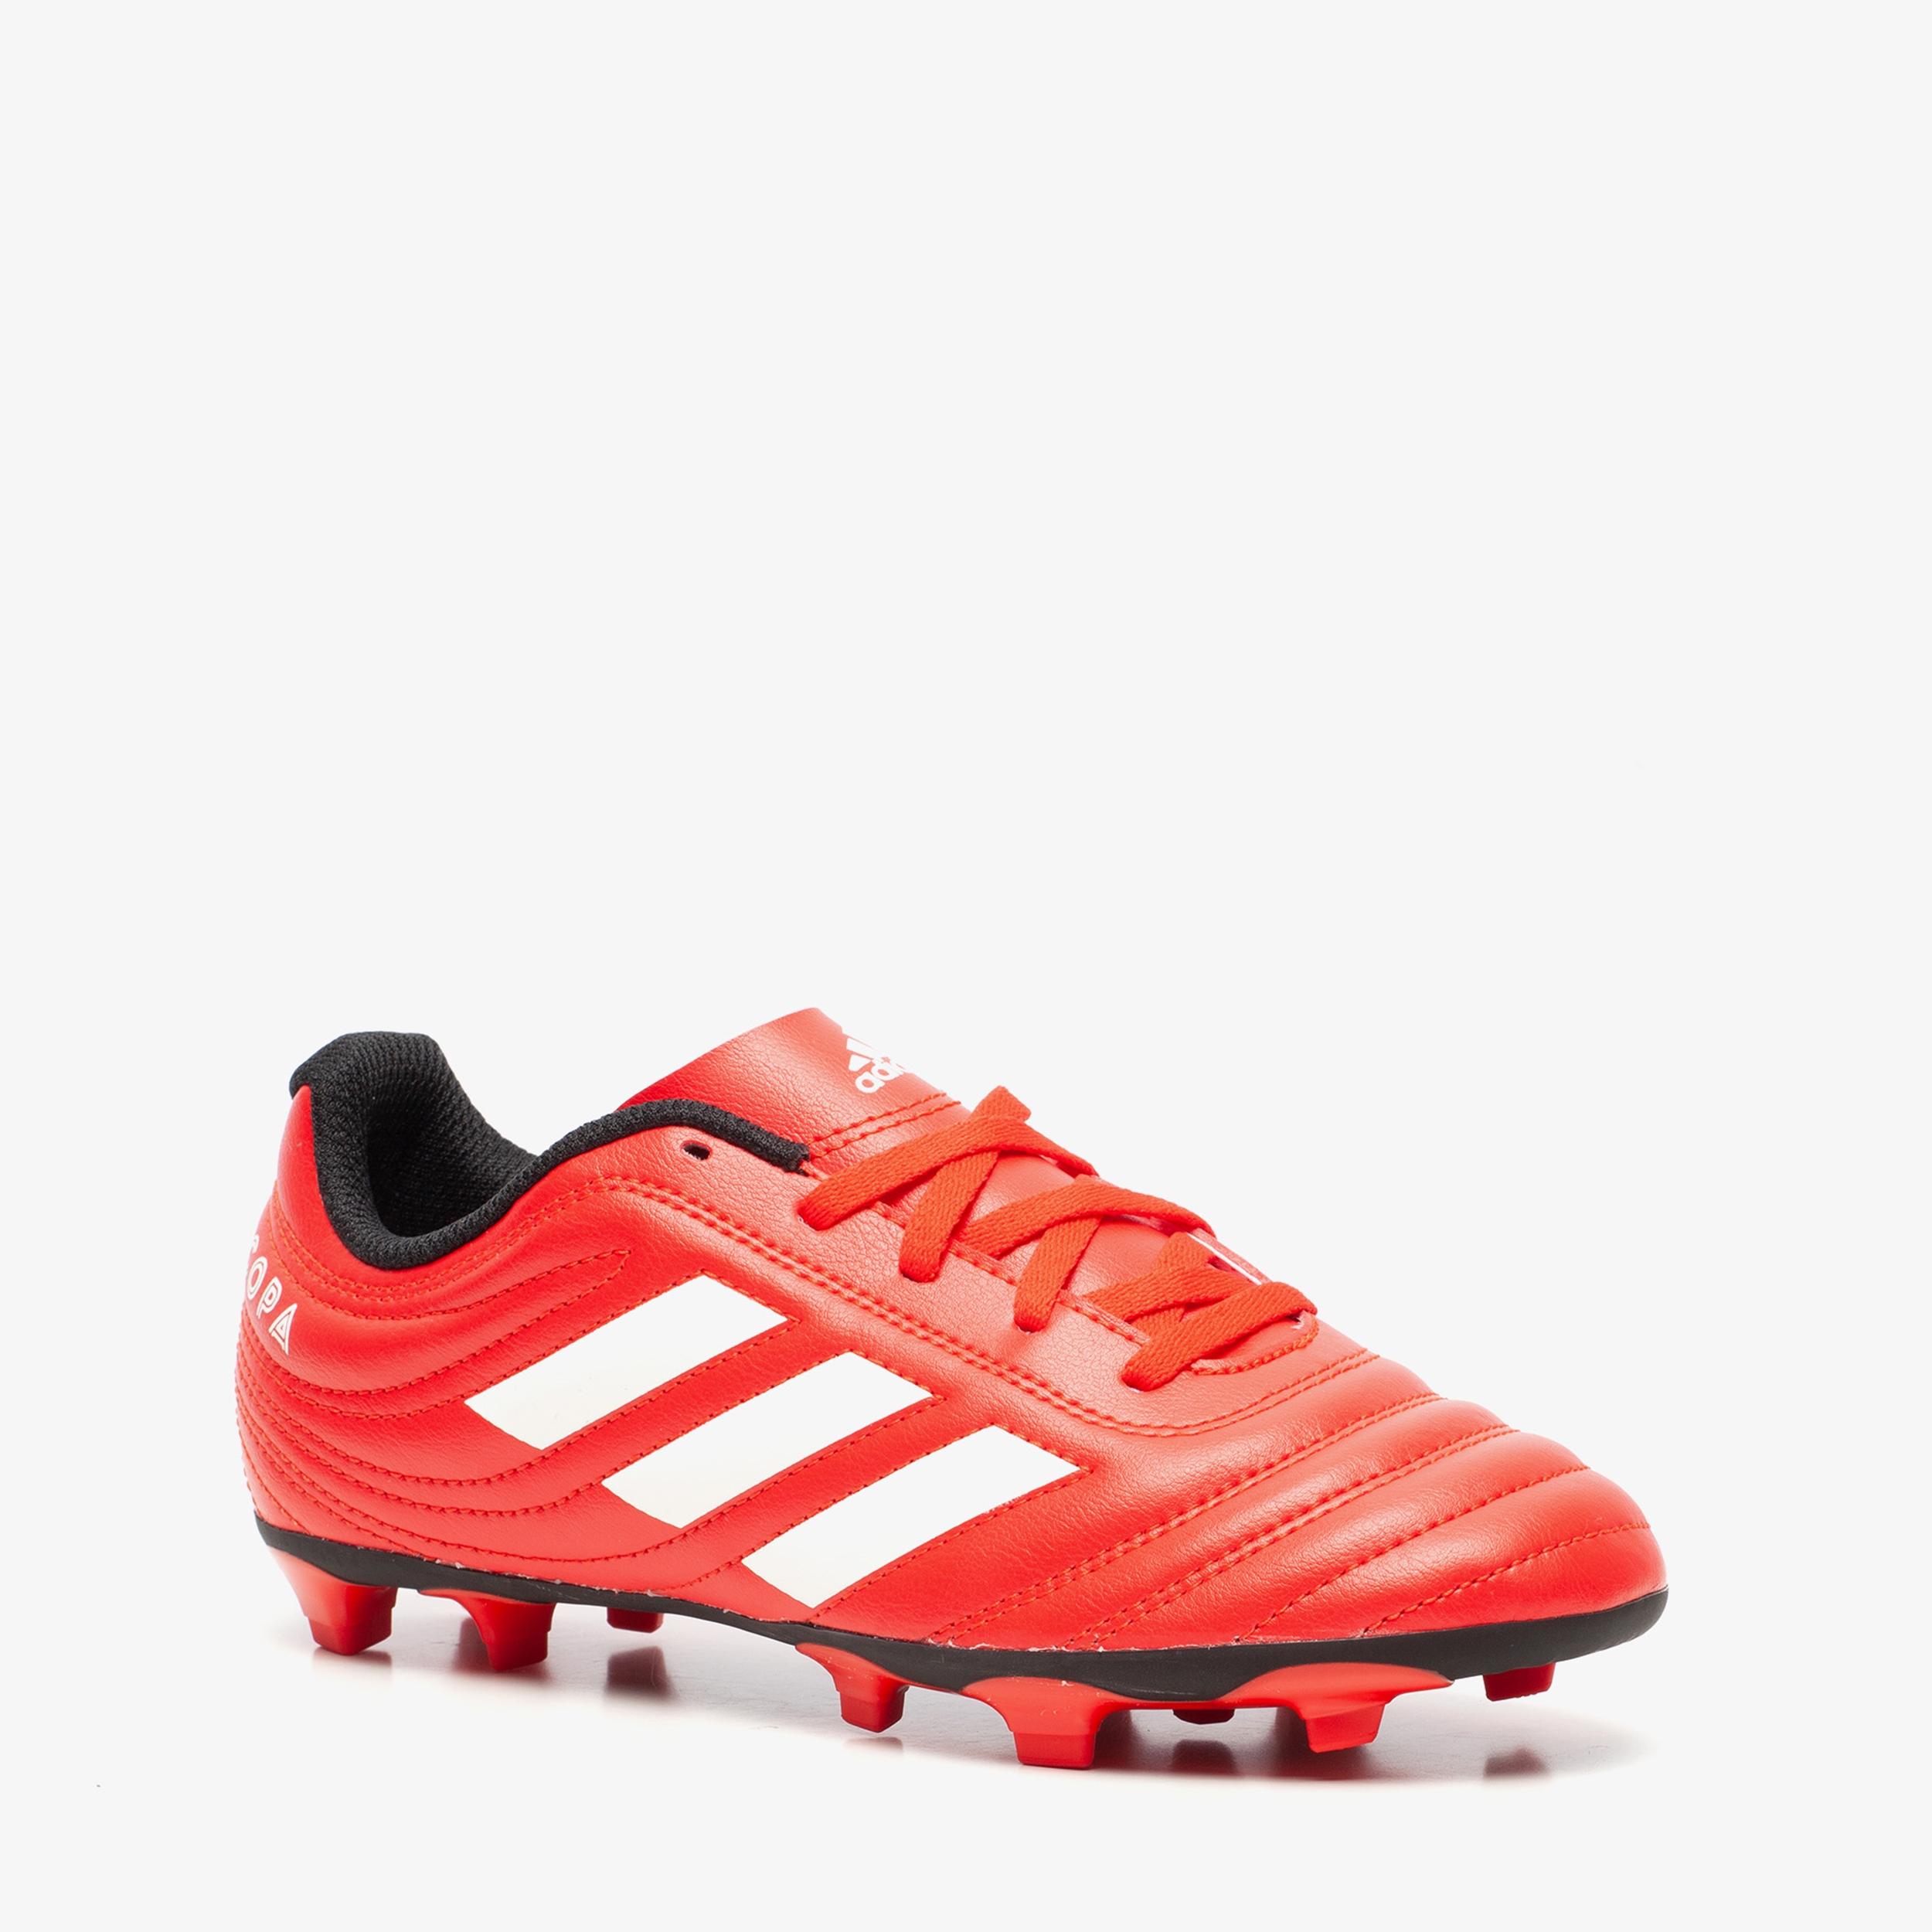 Adidas Copa 20.4 voetbalschoenen FG | Scapino.nl